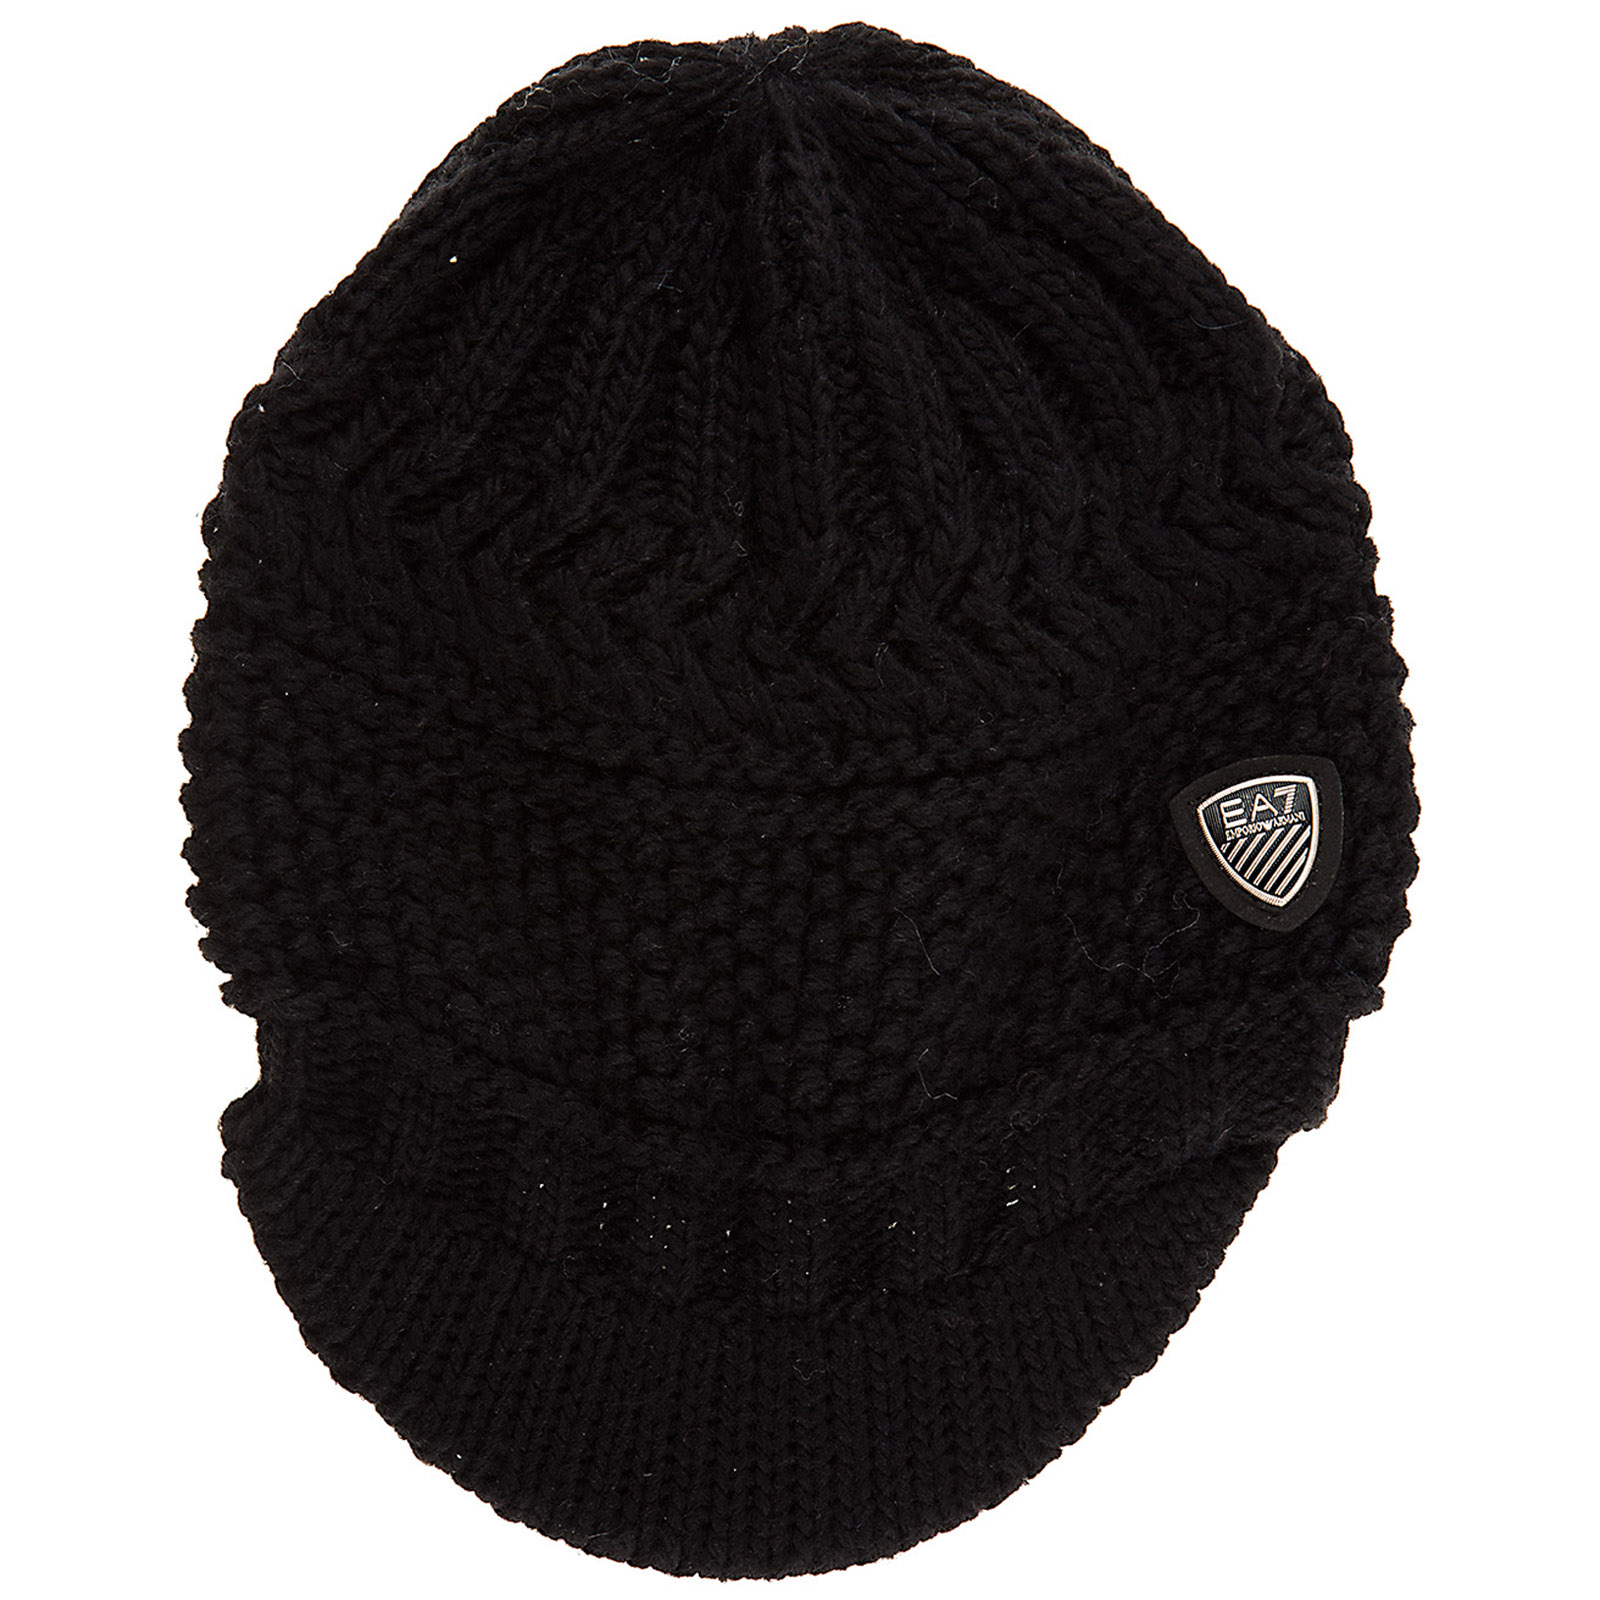 Women's beanie hat  mount urban 2